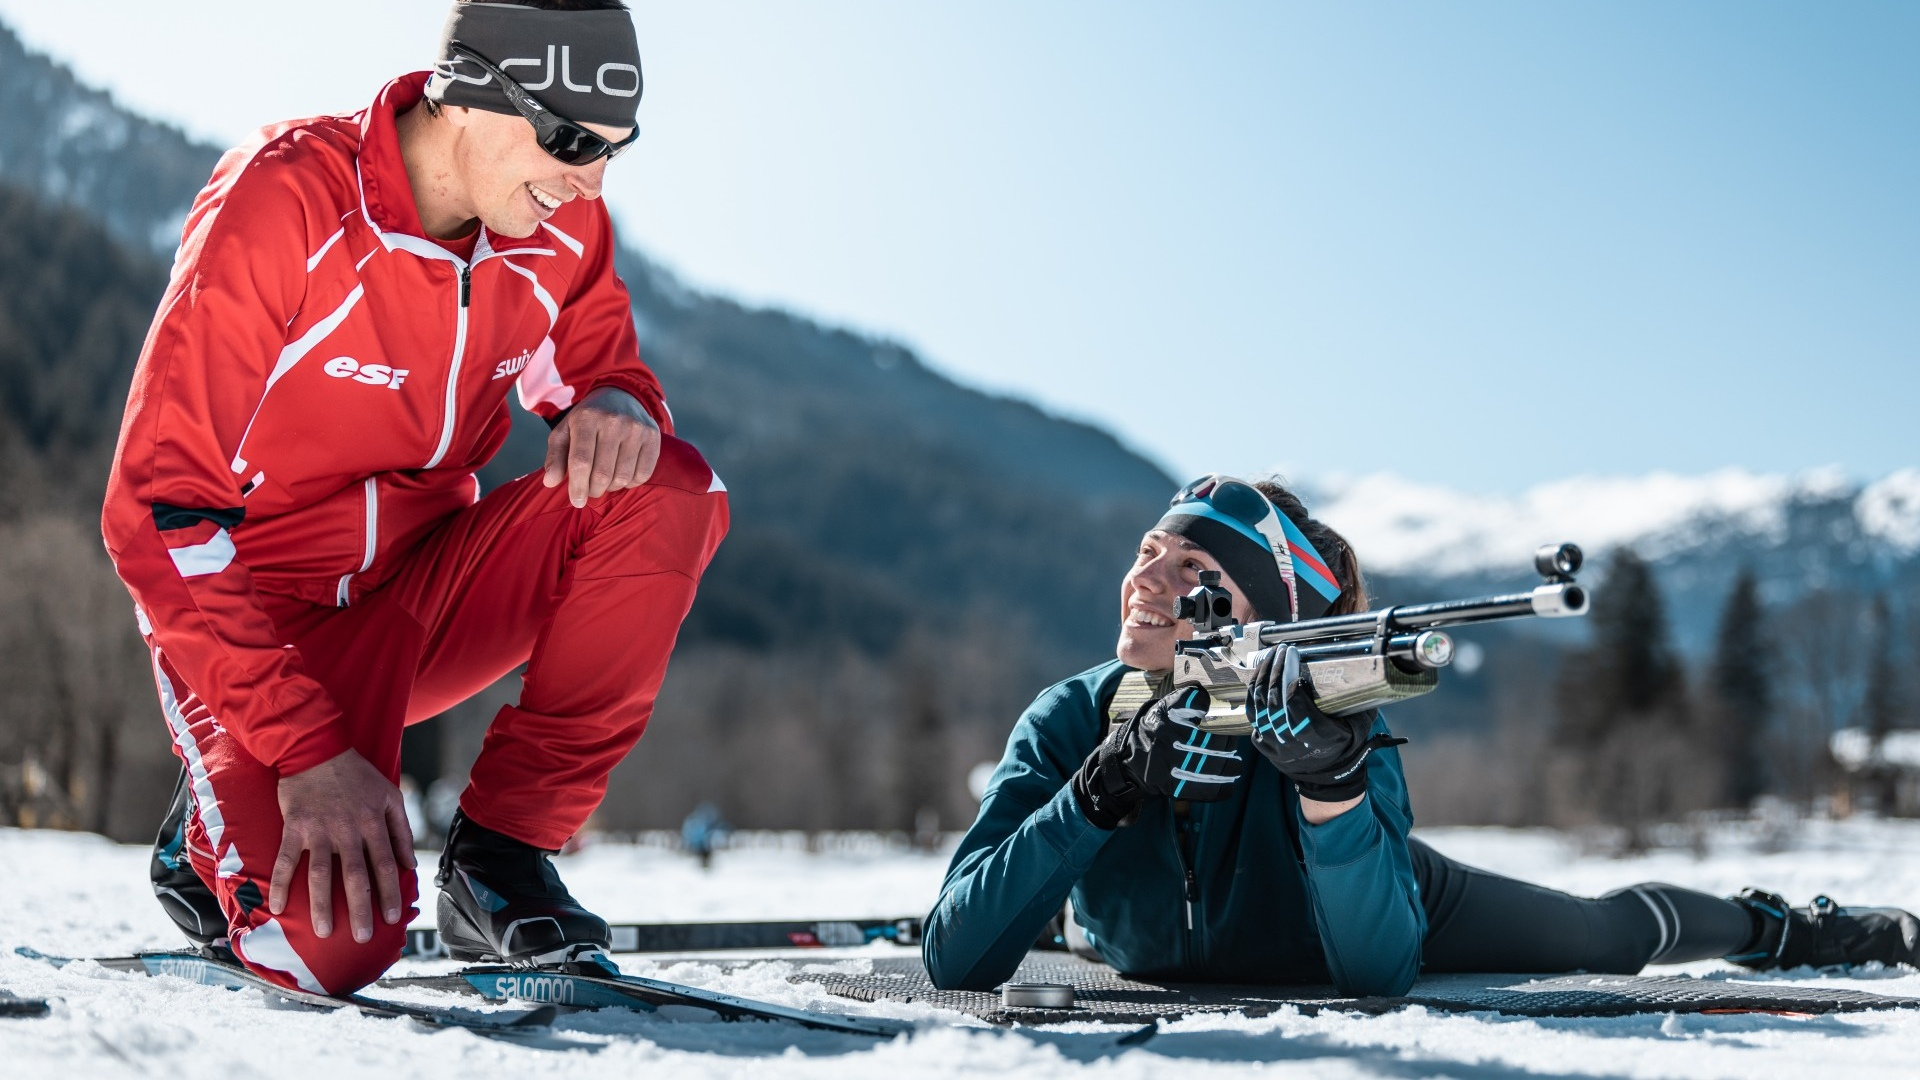 Défi Biathlon - Compétition ludique - CGH Résidences